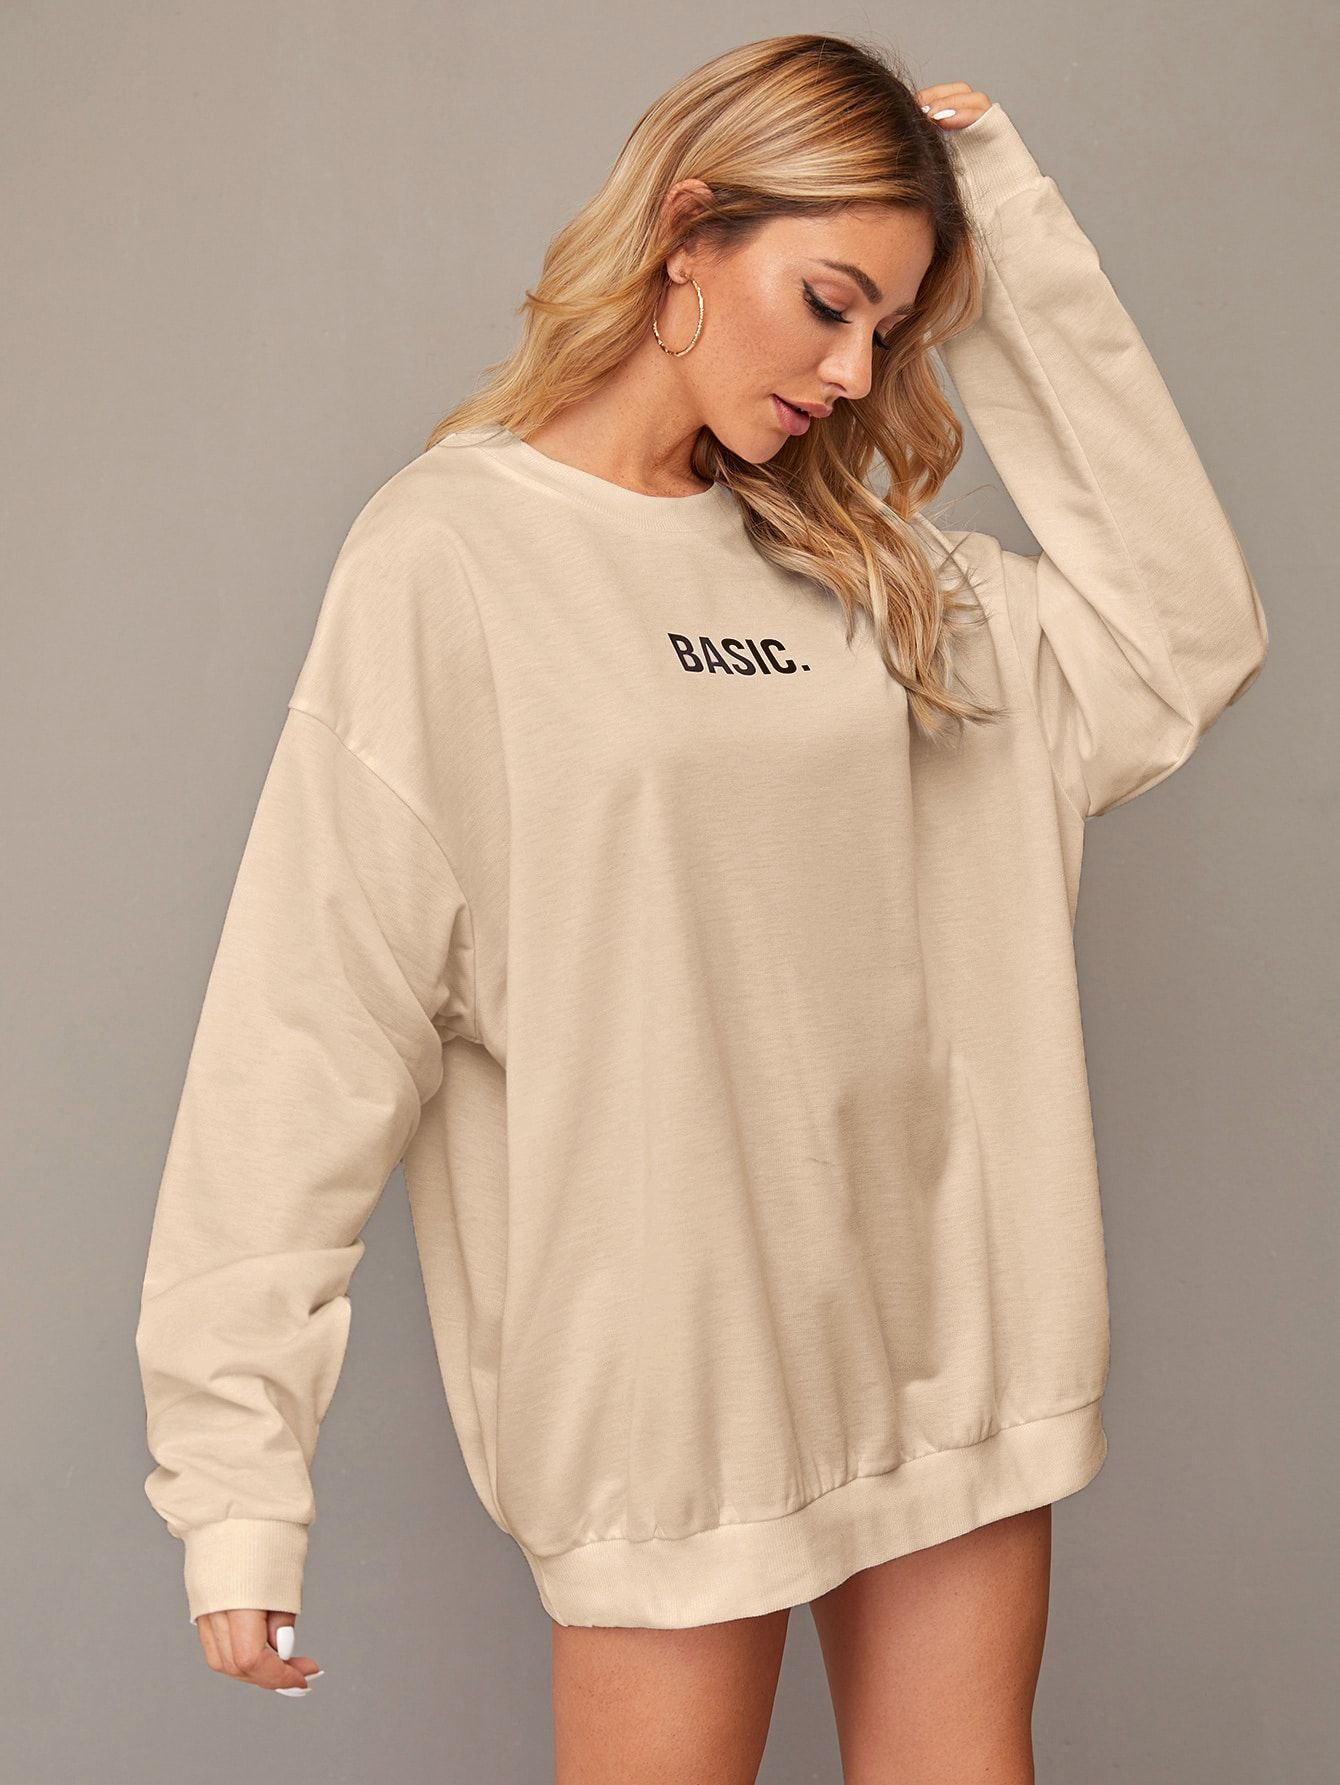 Oui Vintage sweatshirt jumper